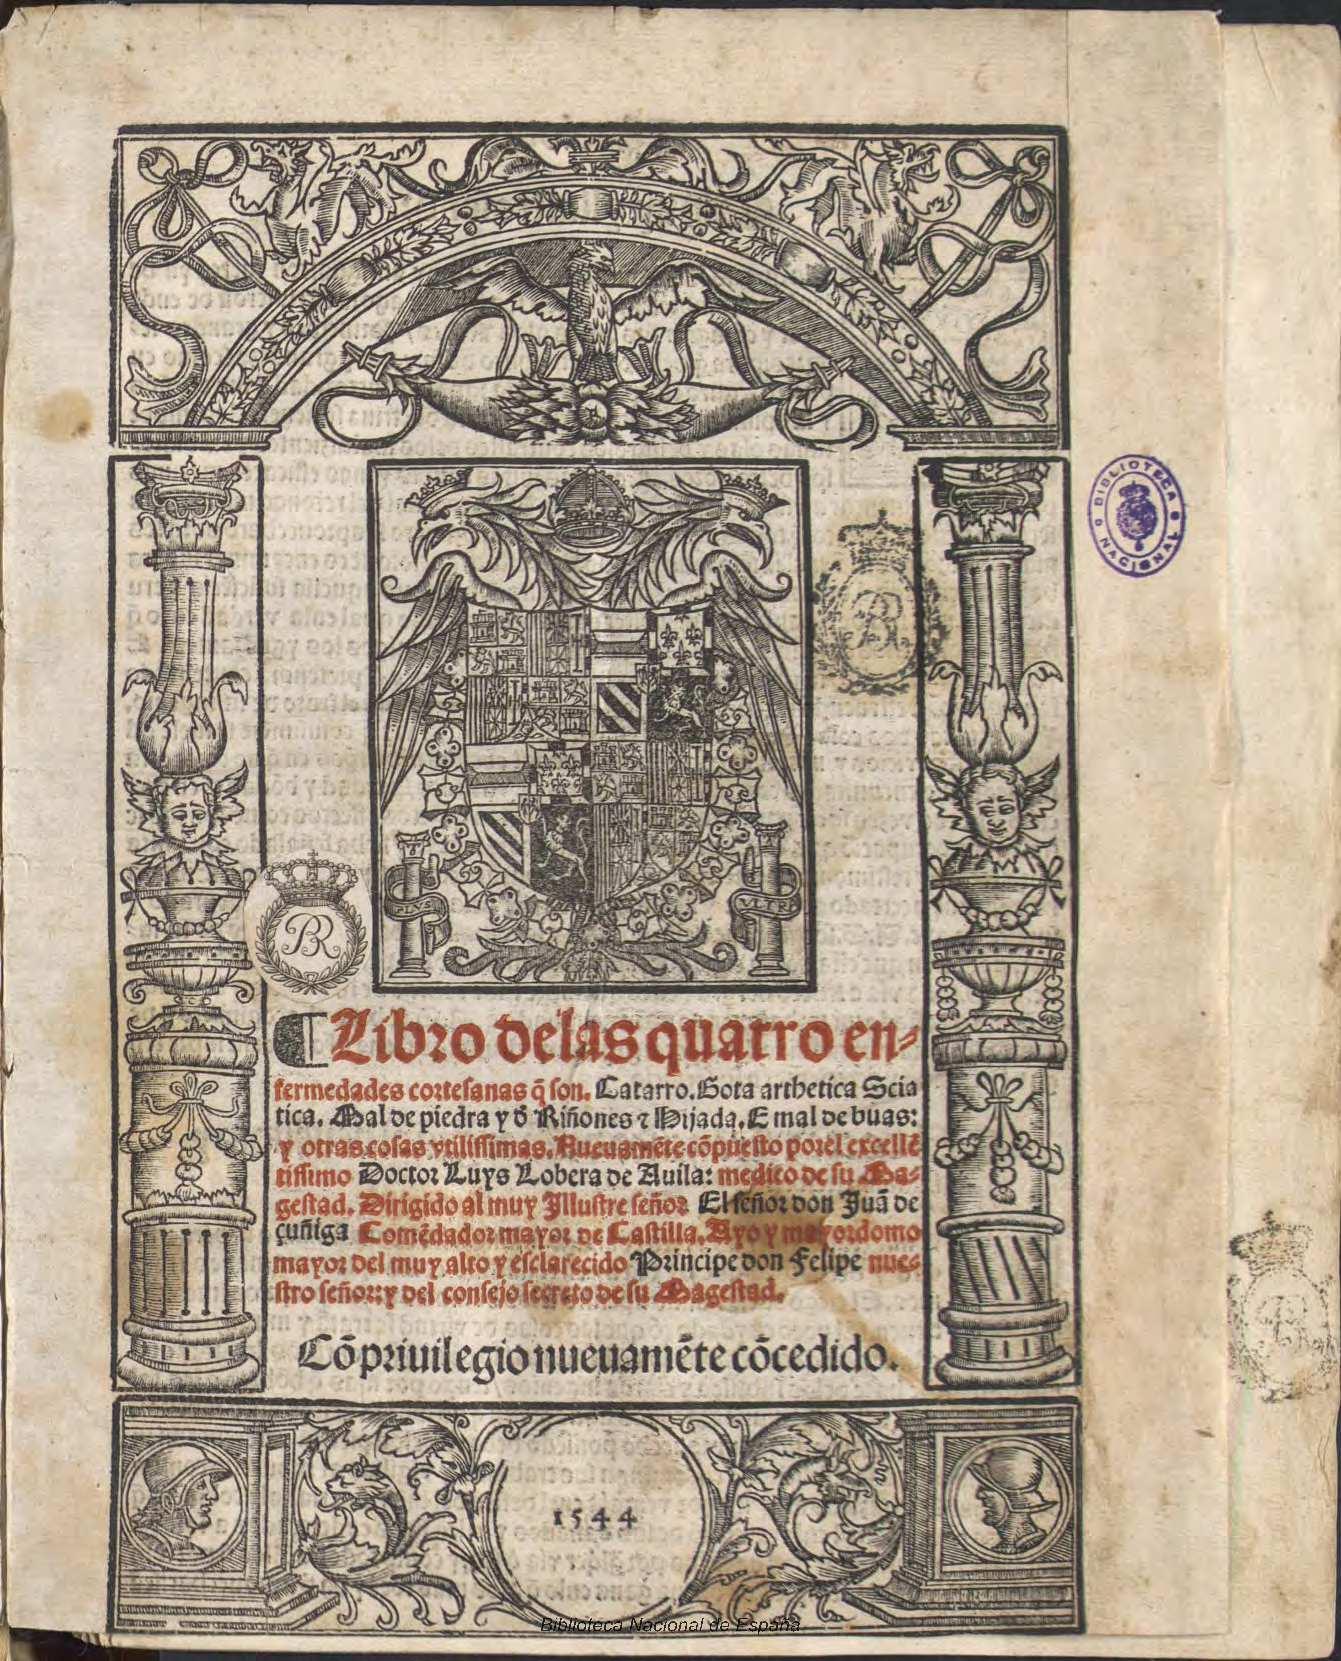 File:Libro de las quatro enfermedades cortesanas 1544 Luis Lobera de  Ávila.jpg